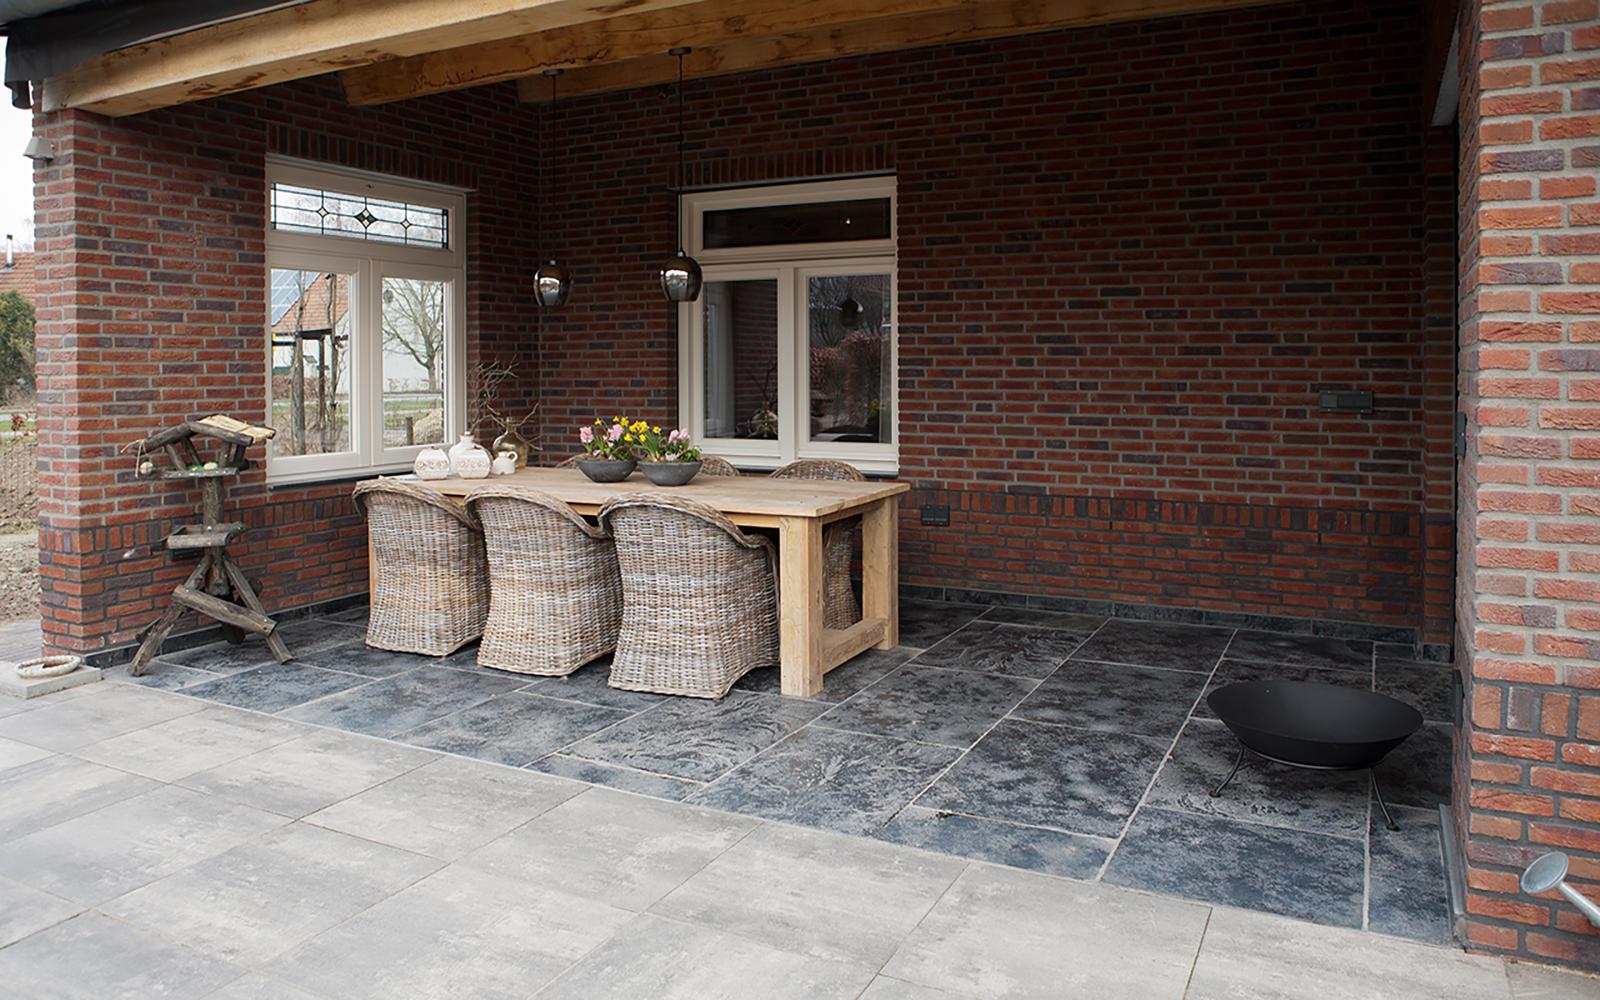 Natuursteen als basis, Van den Heuvel & Van Duuren, landelijke stijl, interieur, exterieur, tegels